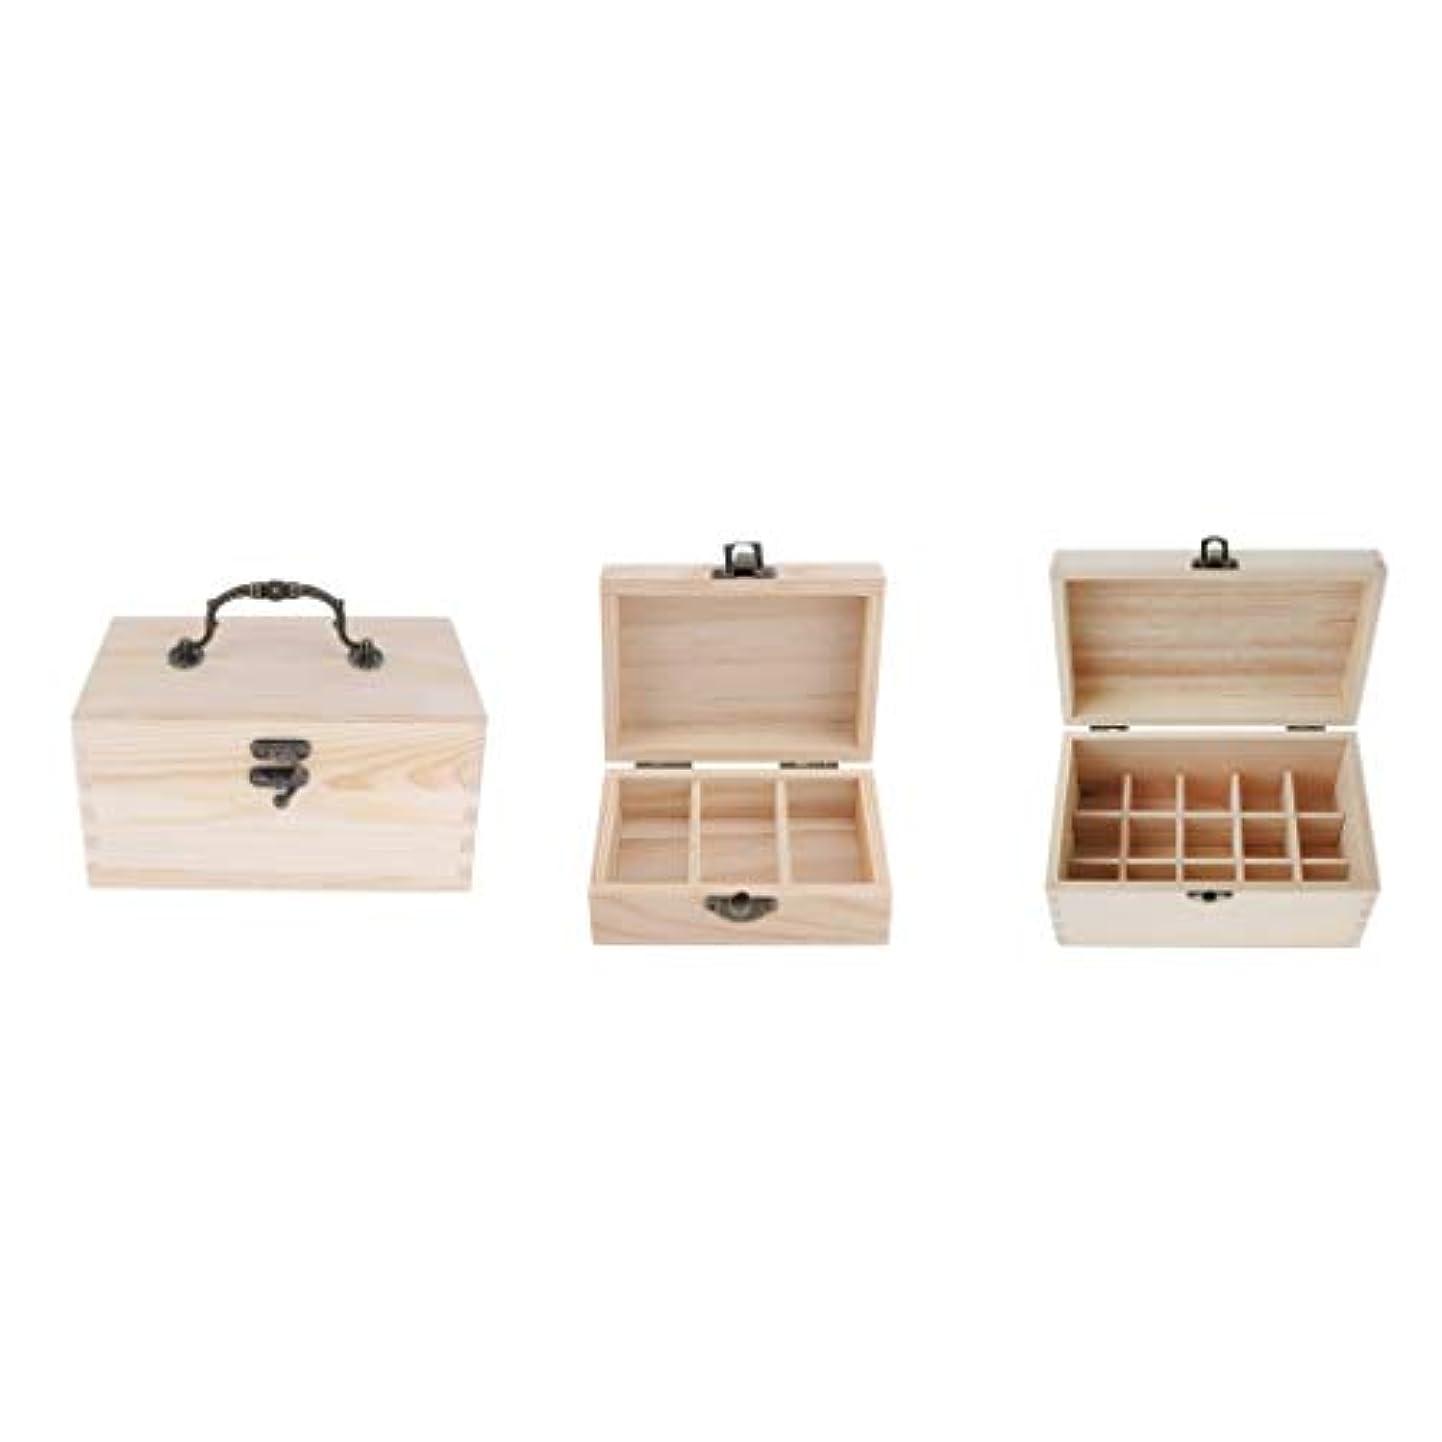 写真を描くとても多くの批判するエッセンシャルオイル収納ボックス 精油収納ケース 超大容量 木製 精油収納 香水収納ケース 携帯用 3個入